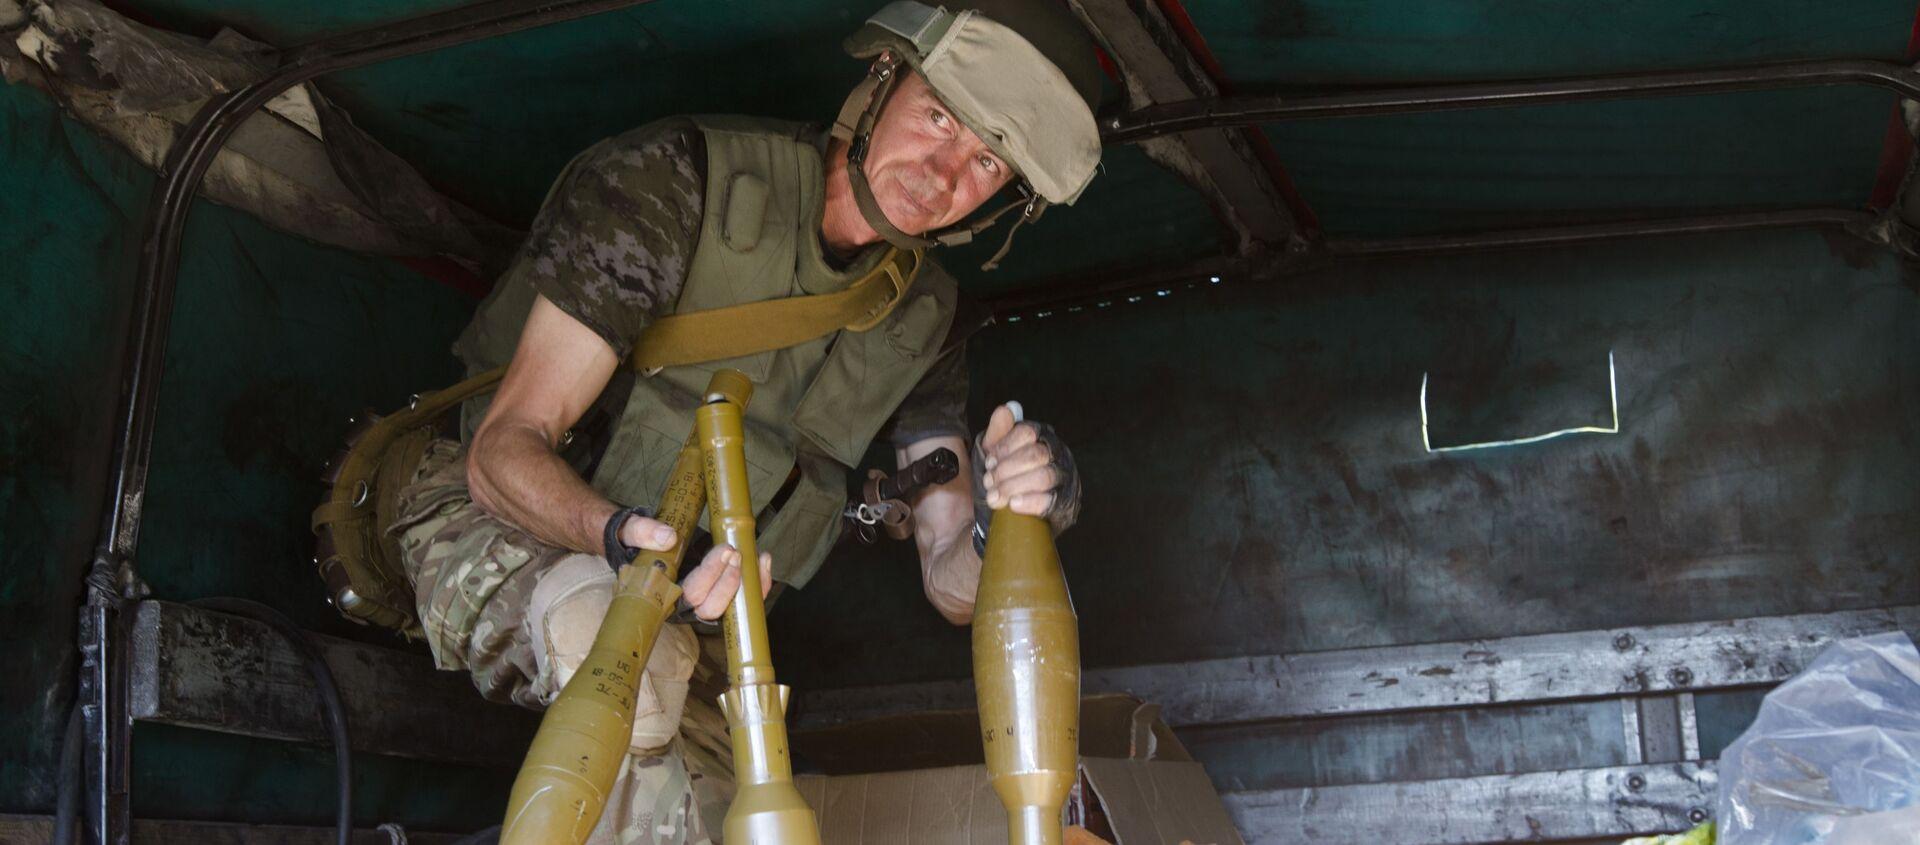 Ukraiński żołnierz w Donbasie. Zdjęcie archiwalne - Sputnik Polska, 1920, 15.03.2021